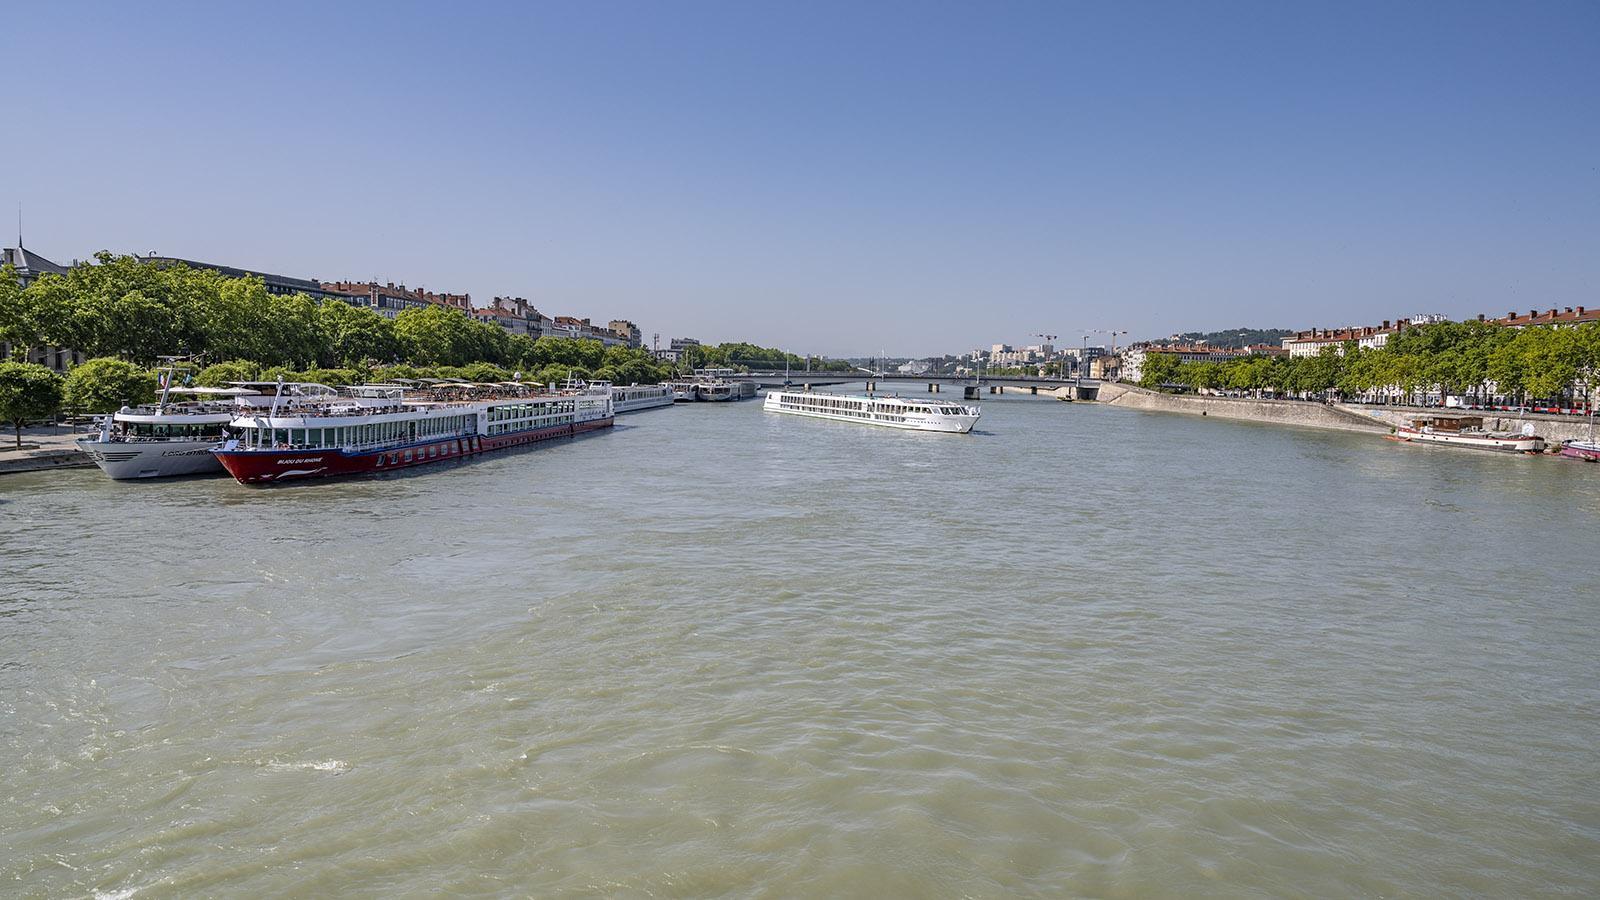 Der Anleger der Kreuzfahrtschiffe in Lyon. Foto: Hilke Maunder